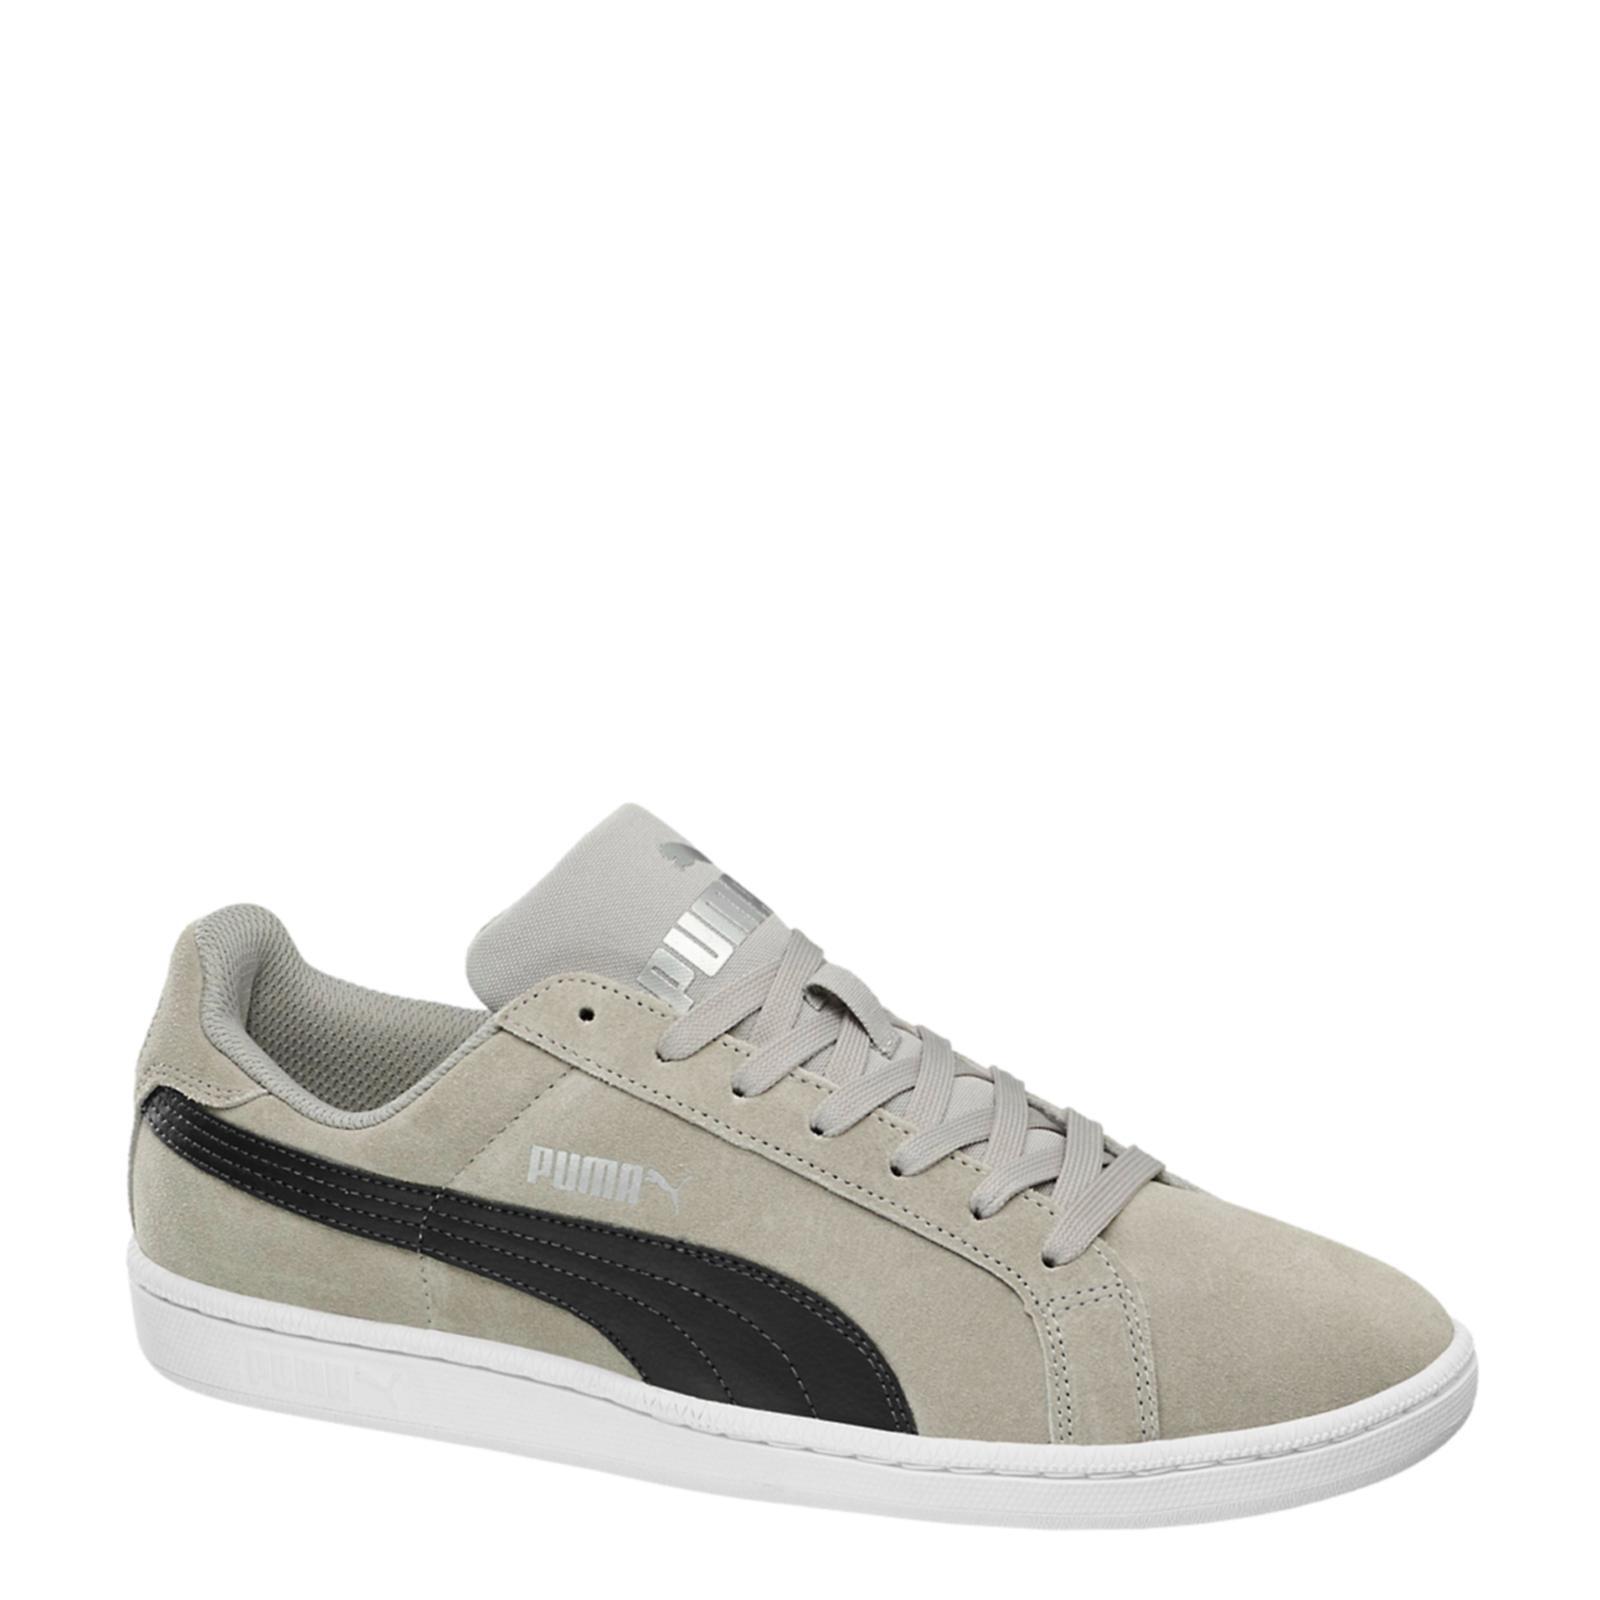 Puma Smash  SD in camoscio grigio scarpe scarpe scarpe da ginnastica 361730 04  moda ddf1ac